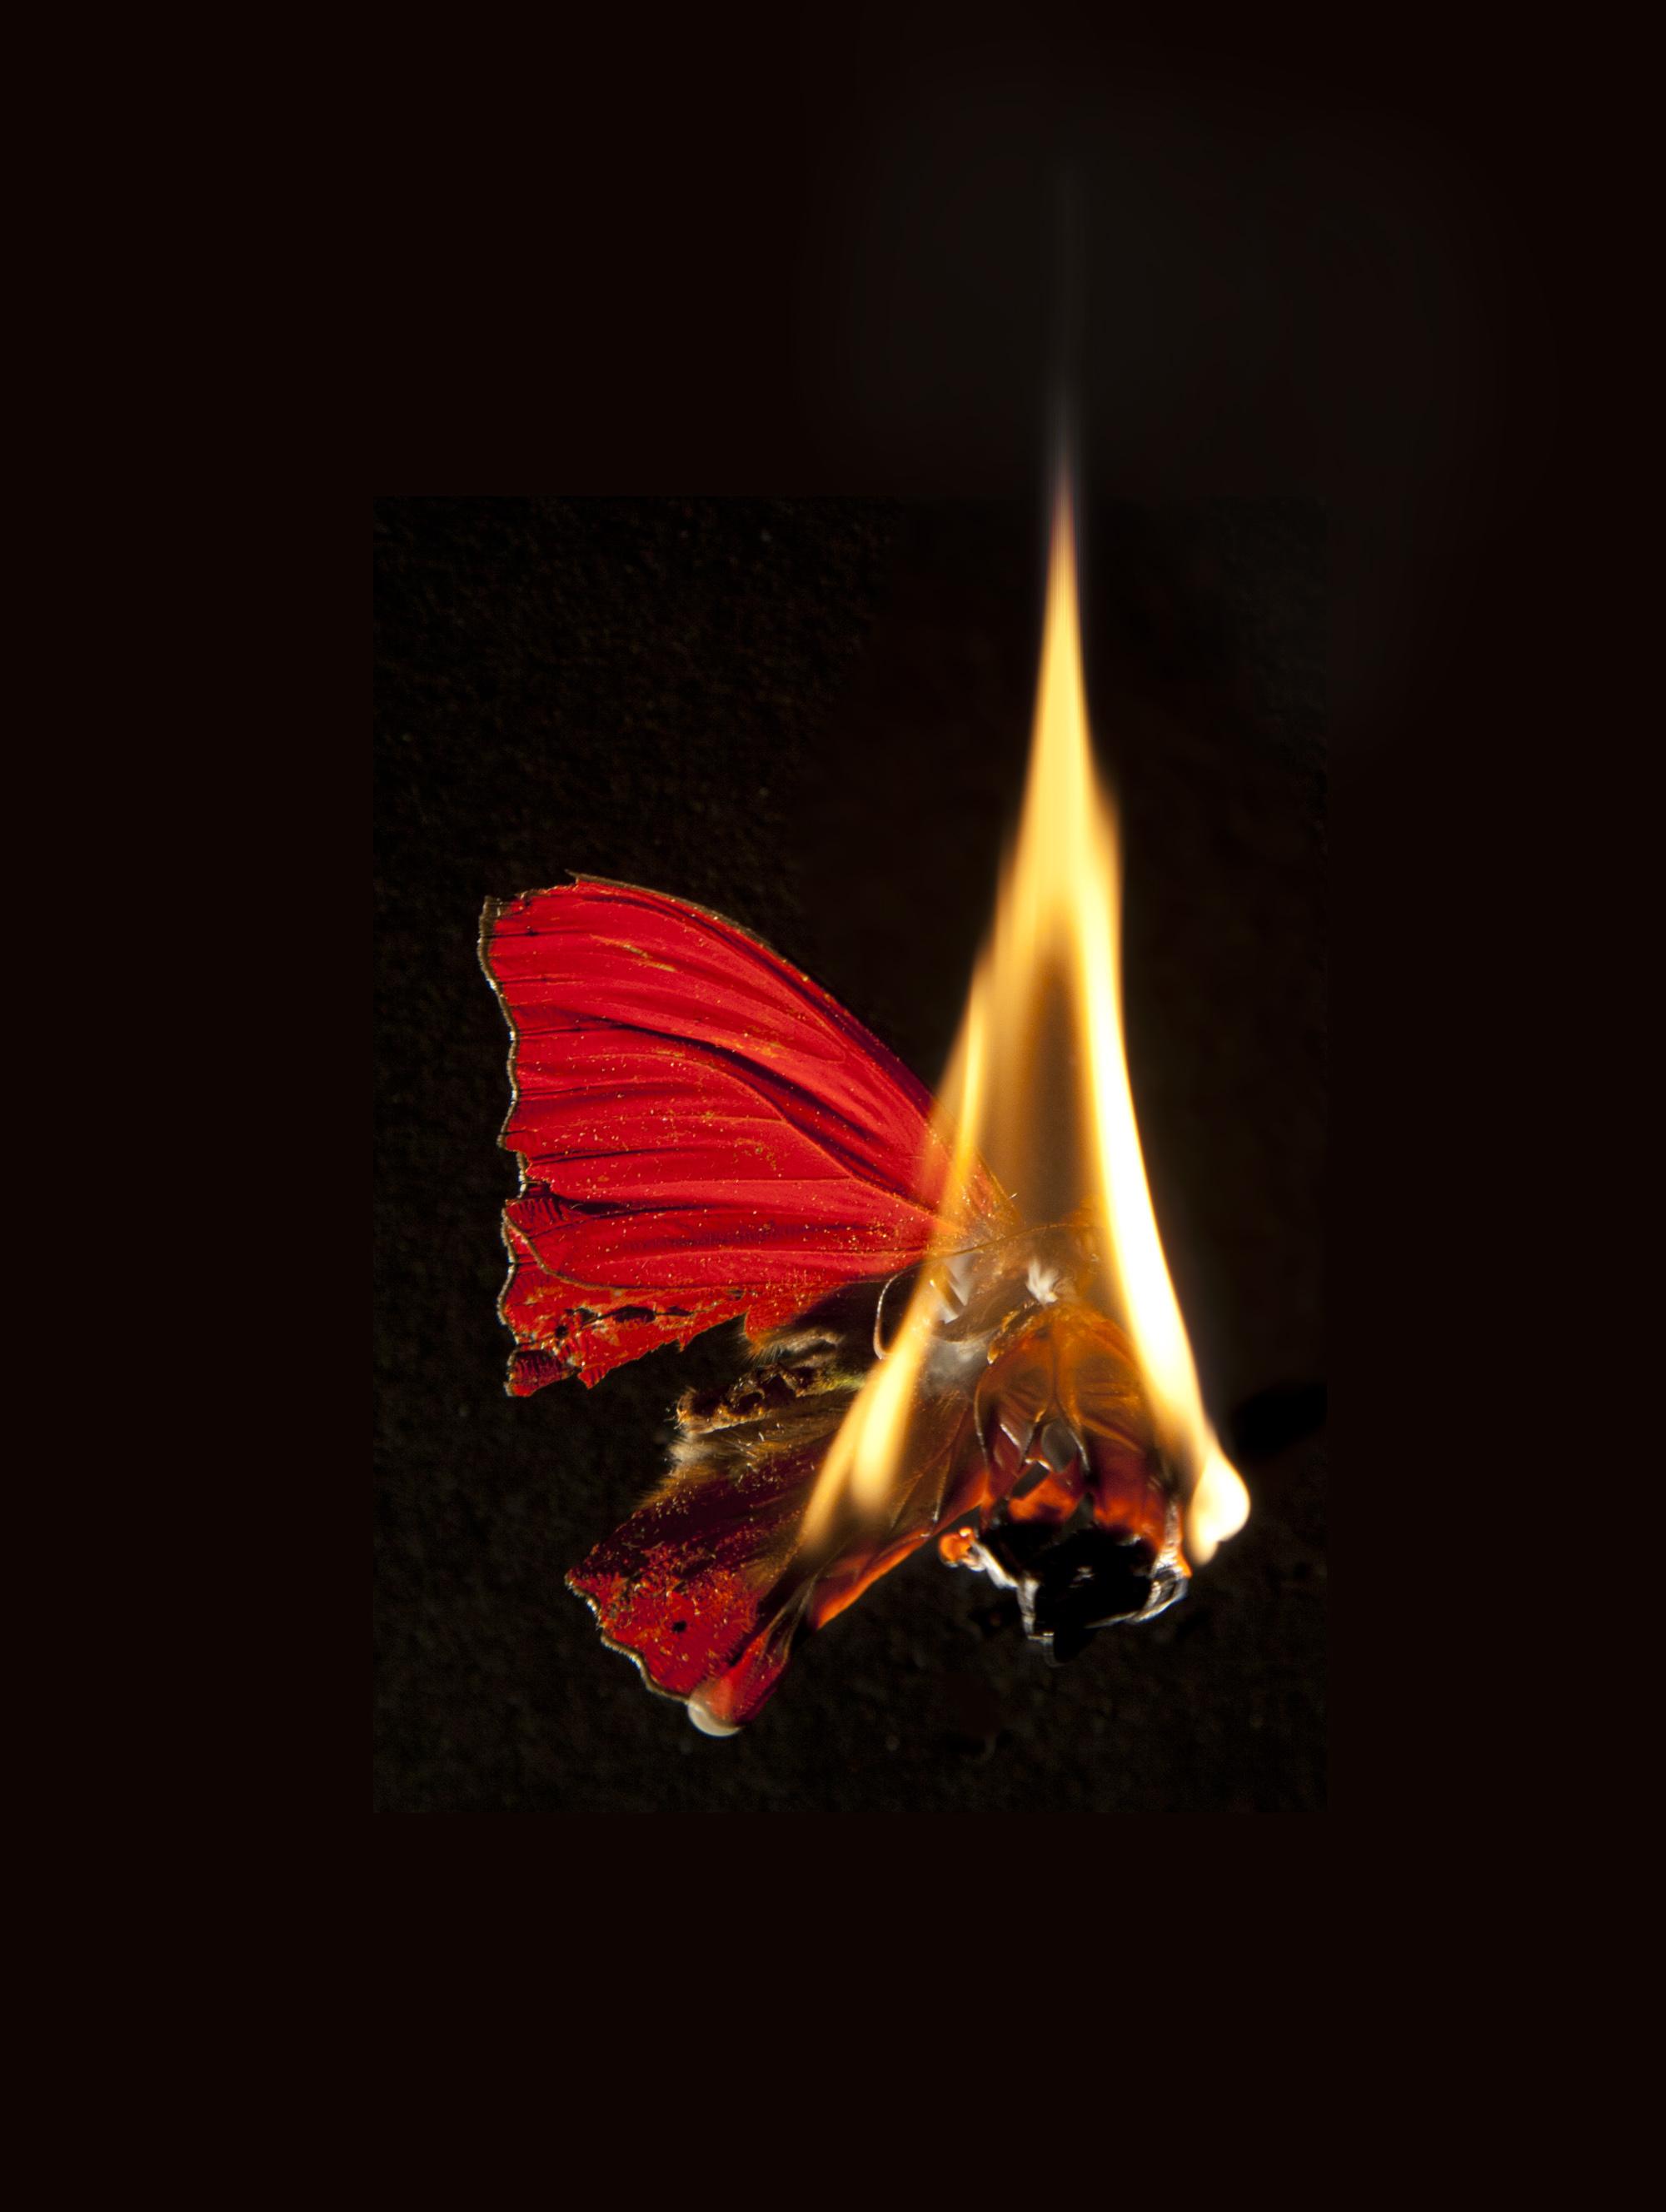 картинки мотылек летит на огонь и вода августе- сентябре дешевые